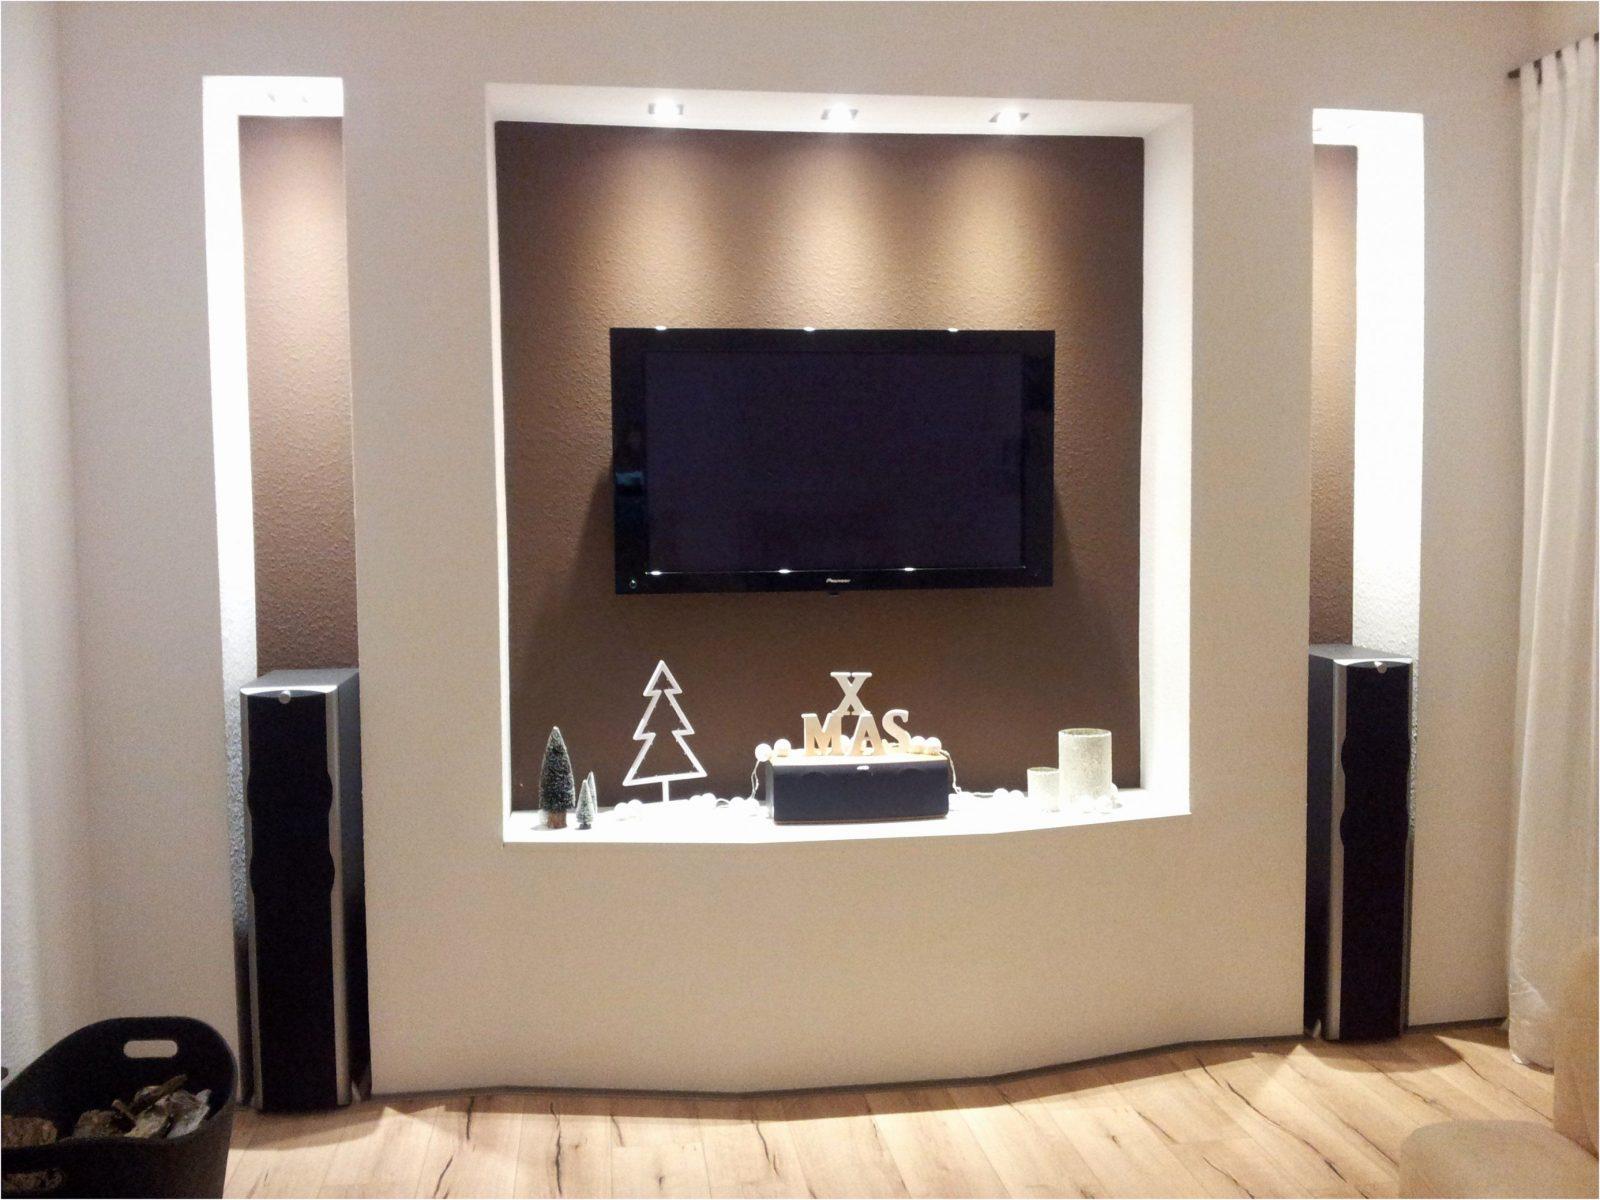 Tv Möbel Selber Bauen Luxus Tv Bank Selbst Bauen Gallery Excellent von Tv Bank Selbst Bauen Photo